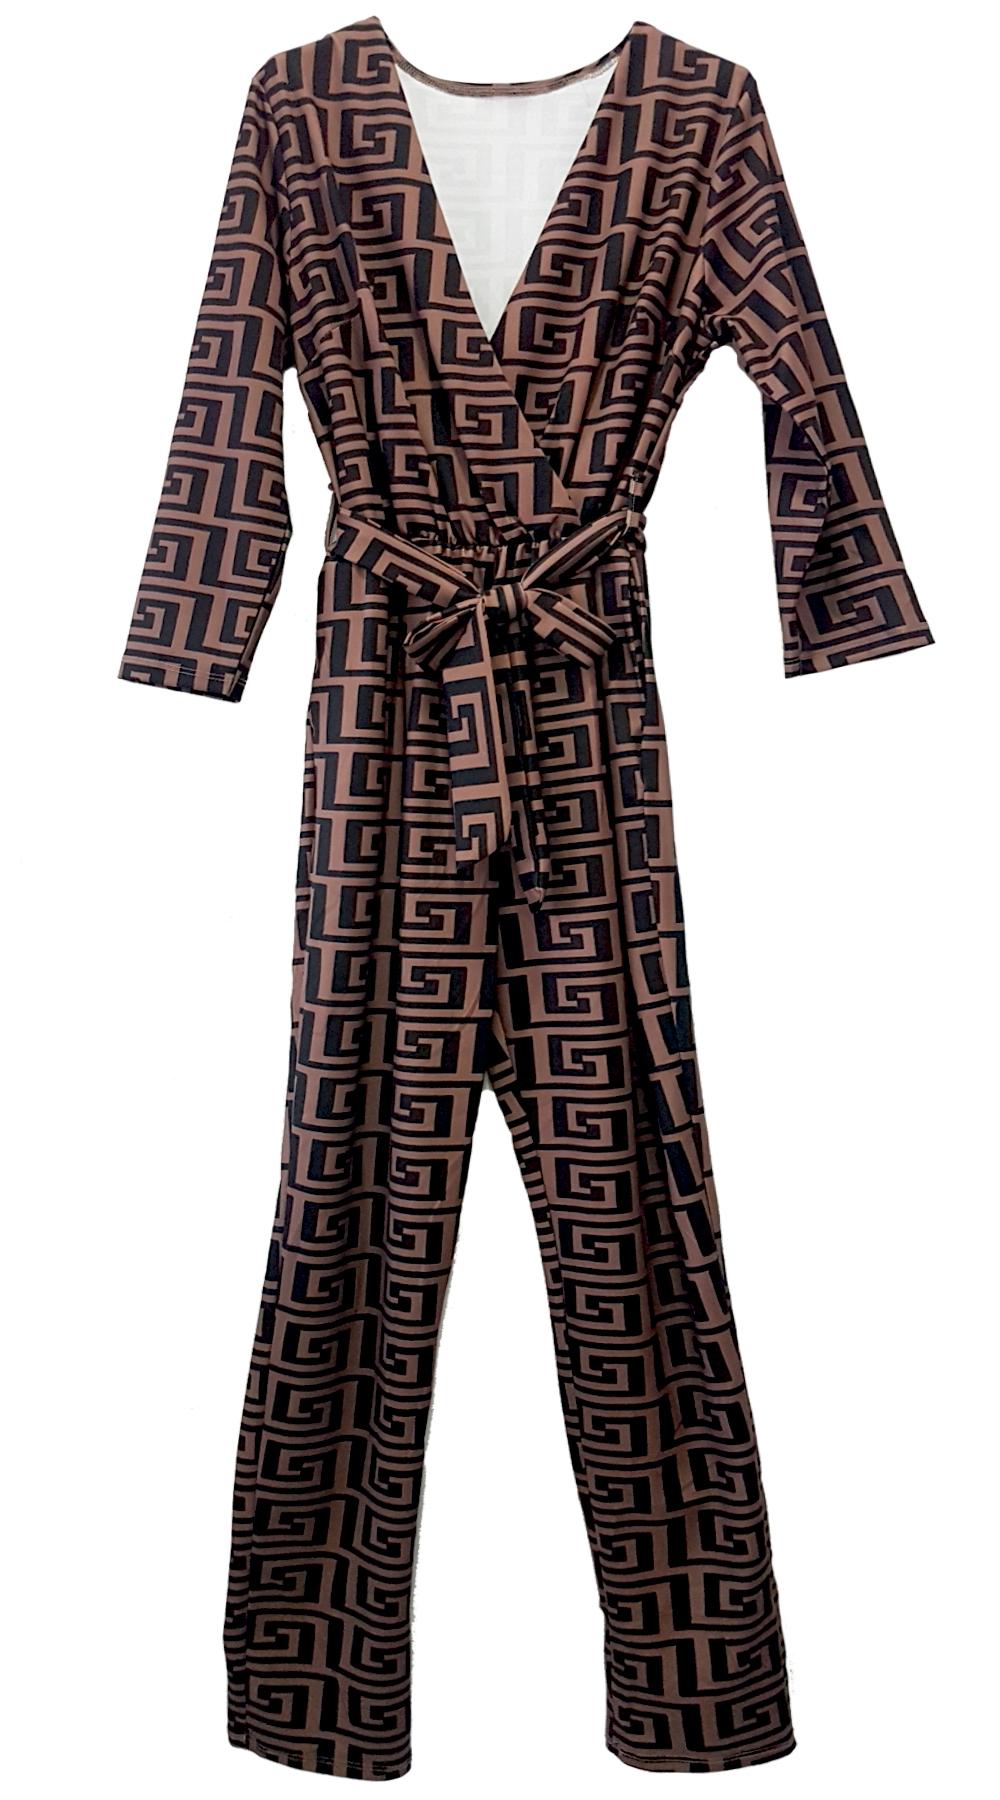 Ολόσωμη φόρμα με Prints & ζώνη - MissReina - FA18GAL-20009 ενδύματα ολόσωμες φόρμες